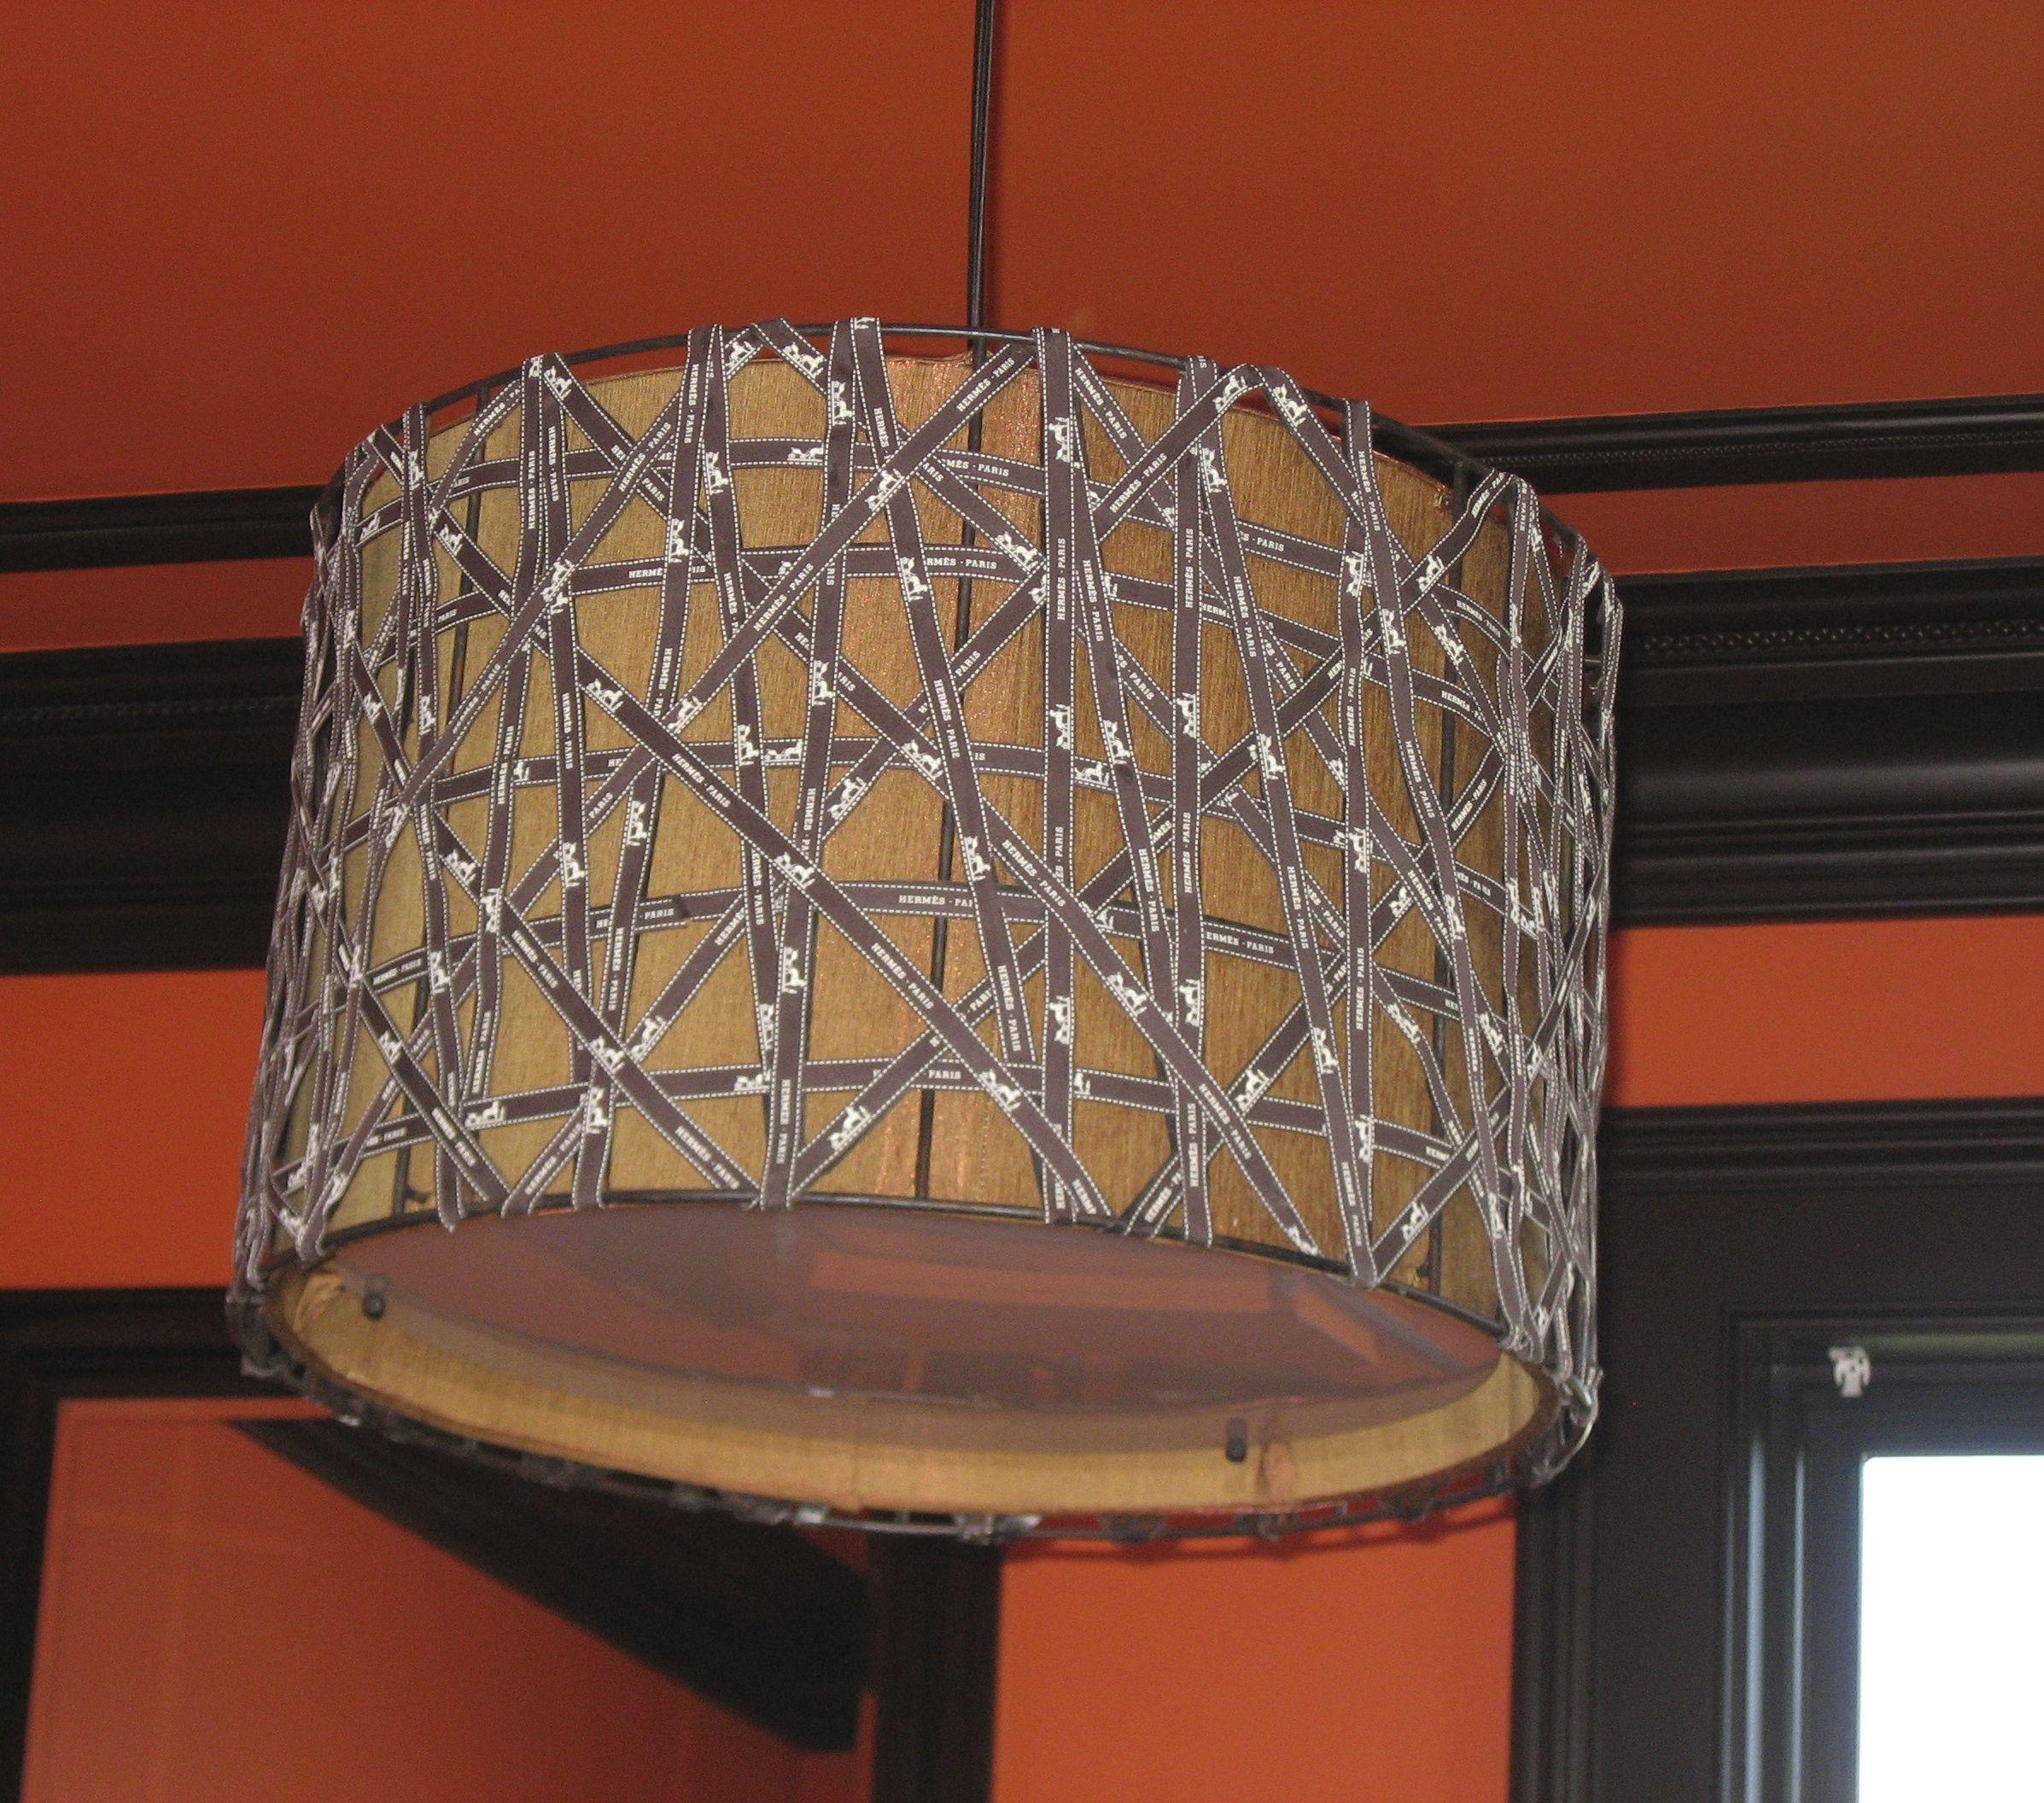 Hermes ribbon chandelier HERMESmerizing Pinterest